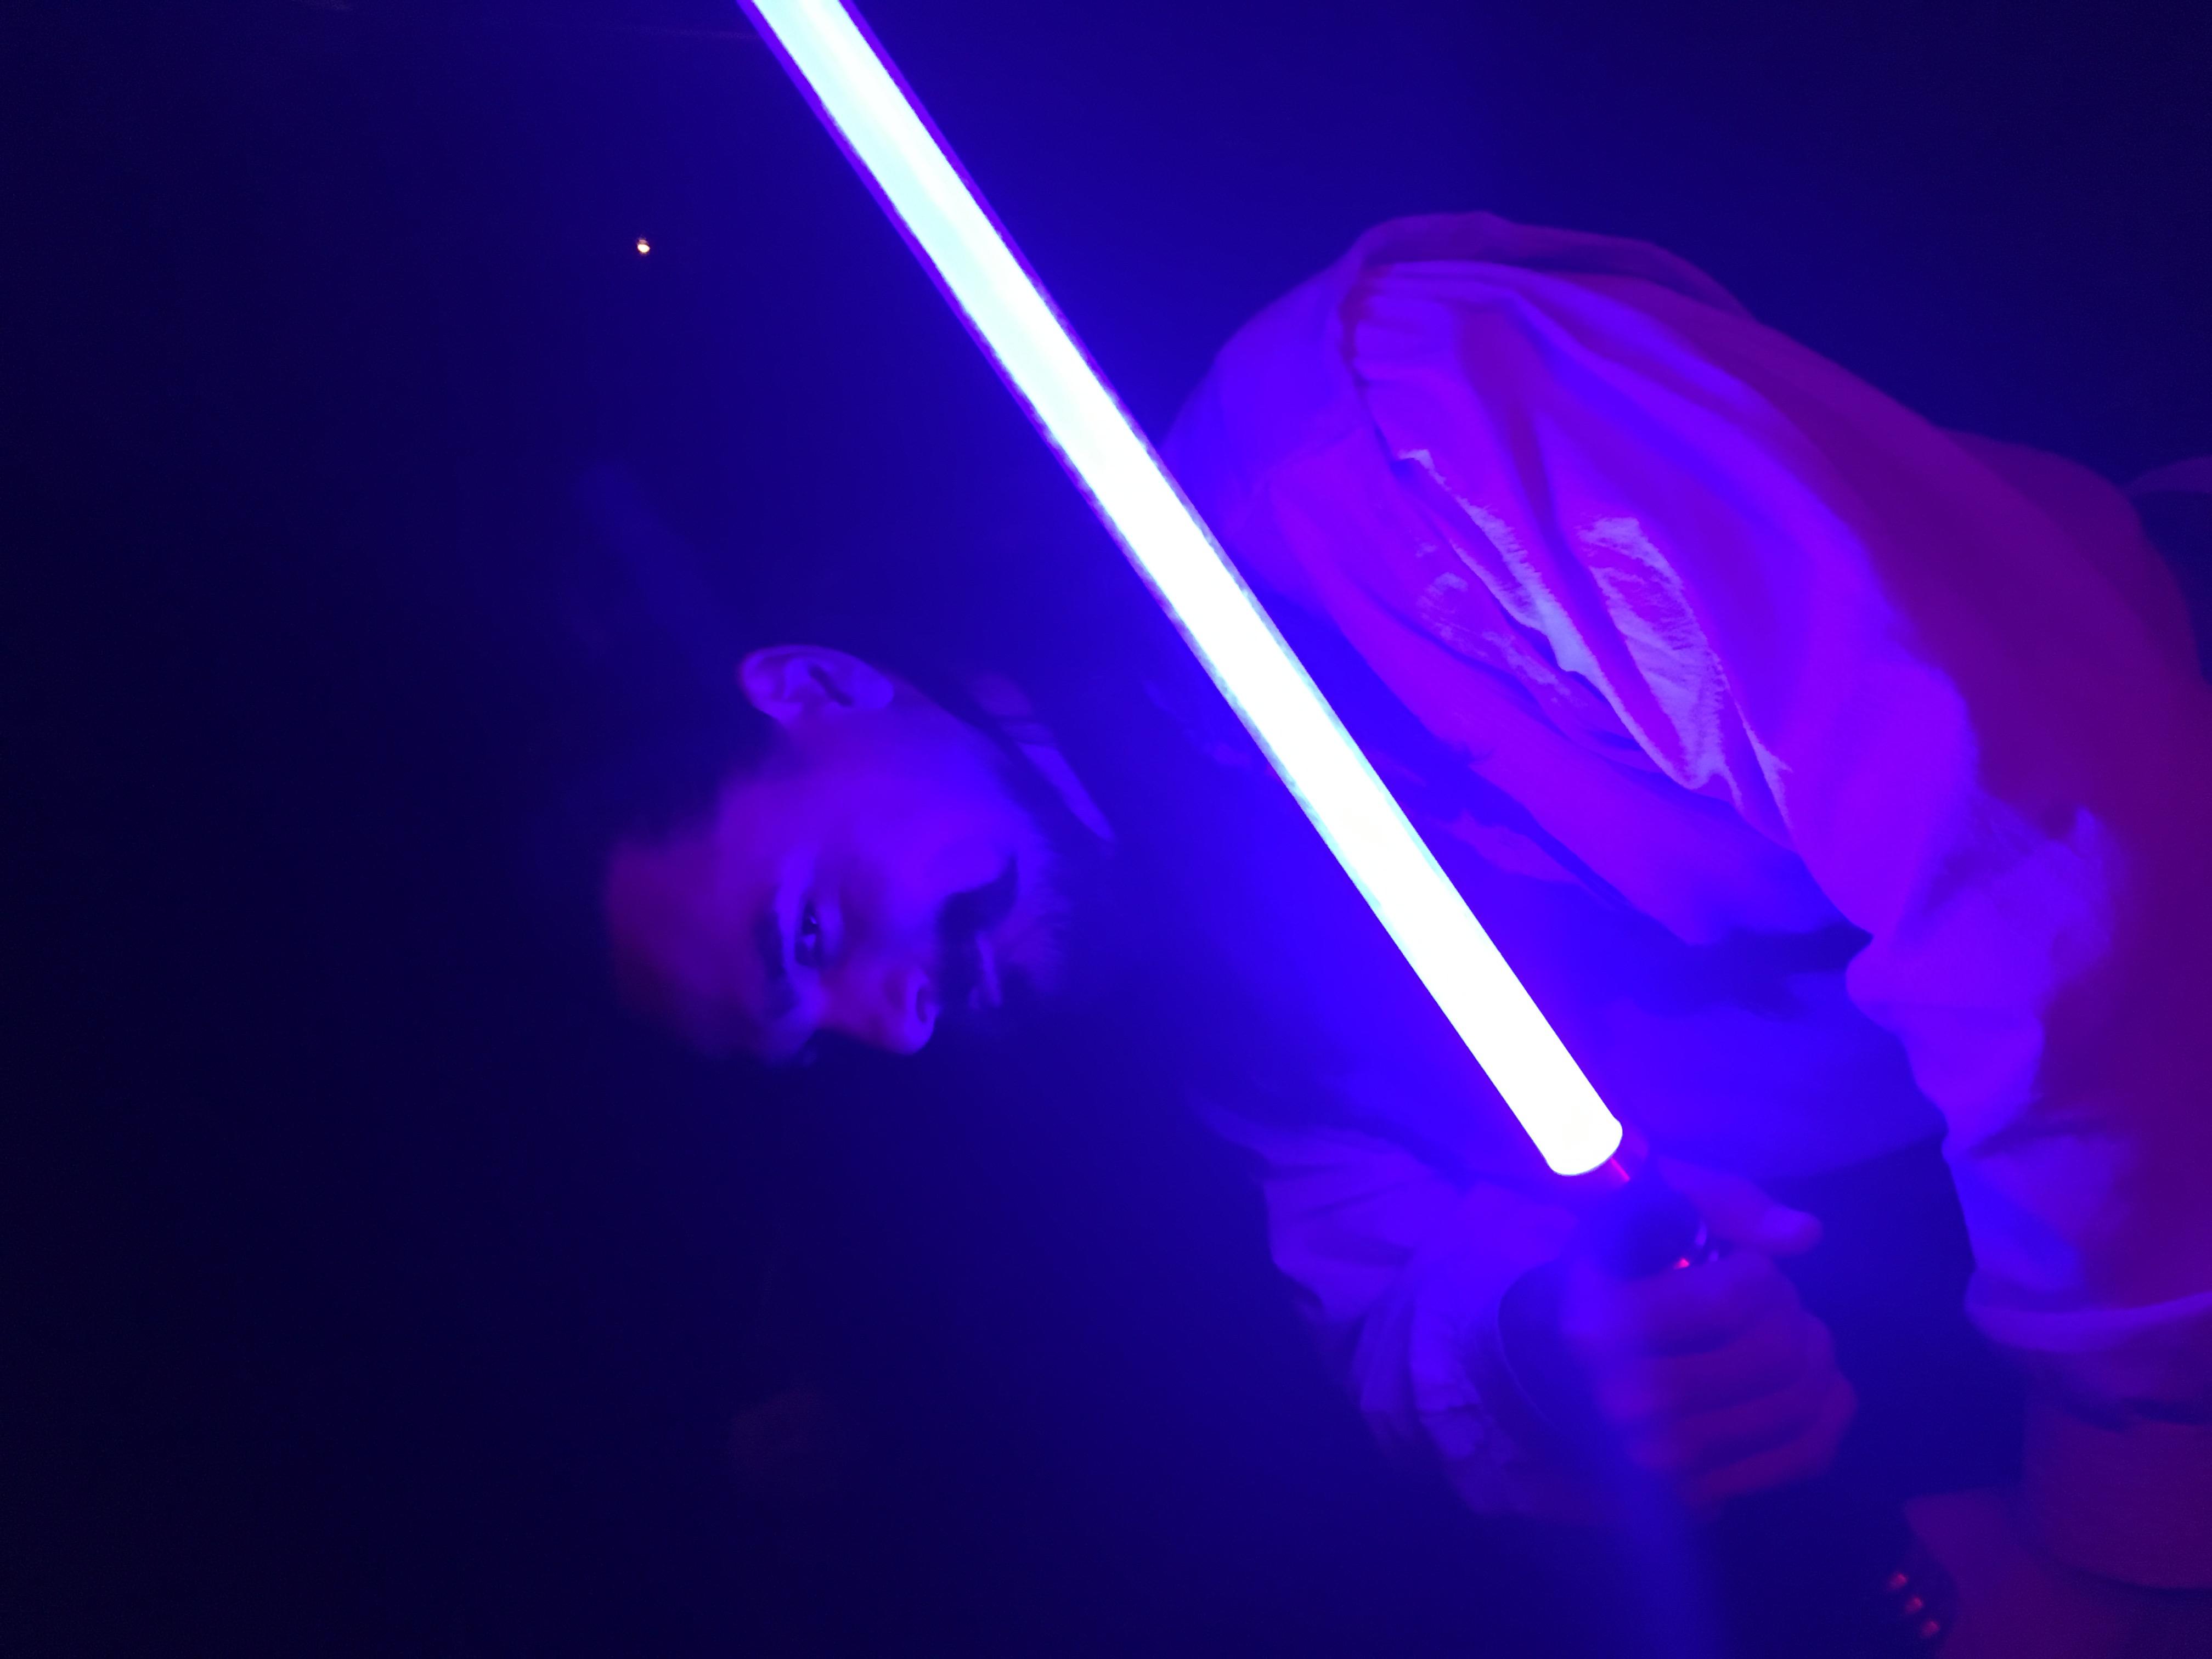 Jedi Knight Drovian